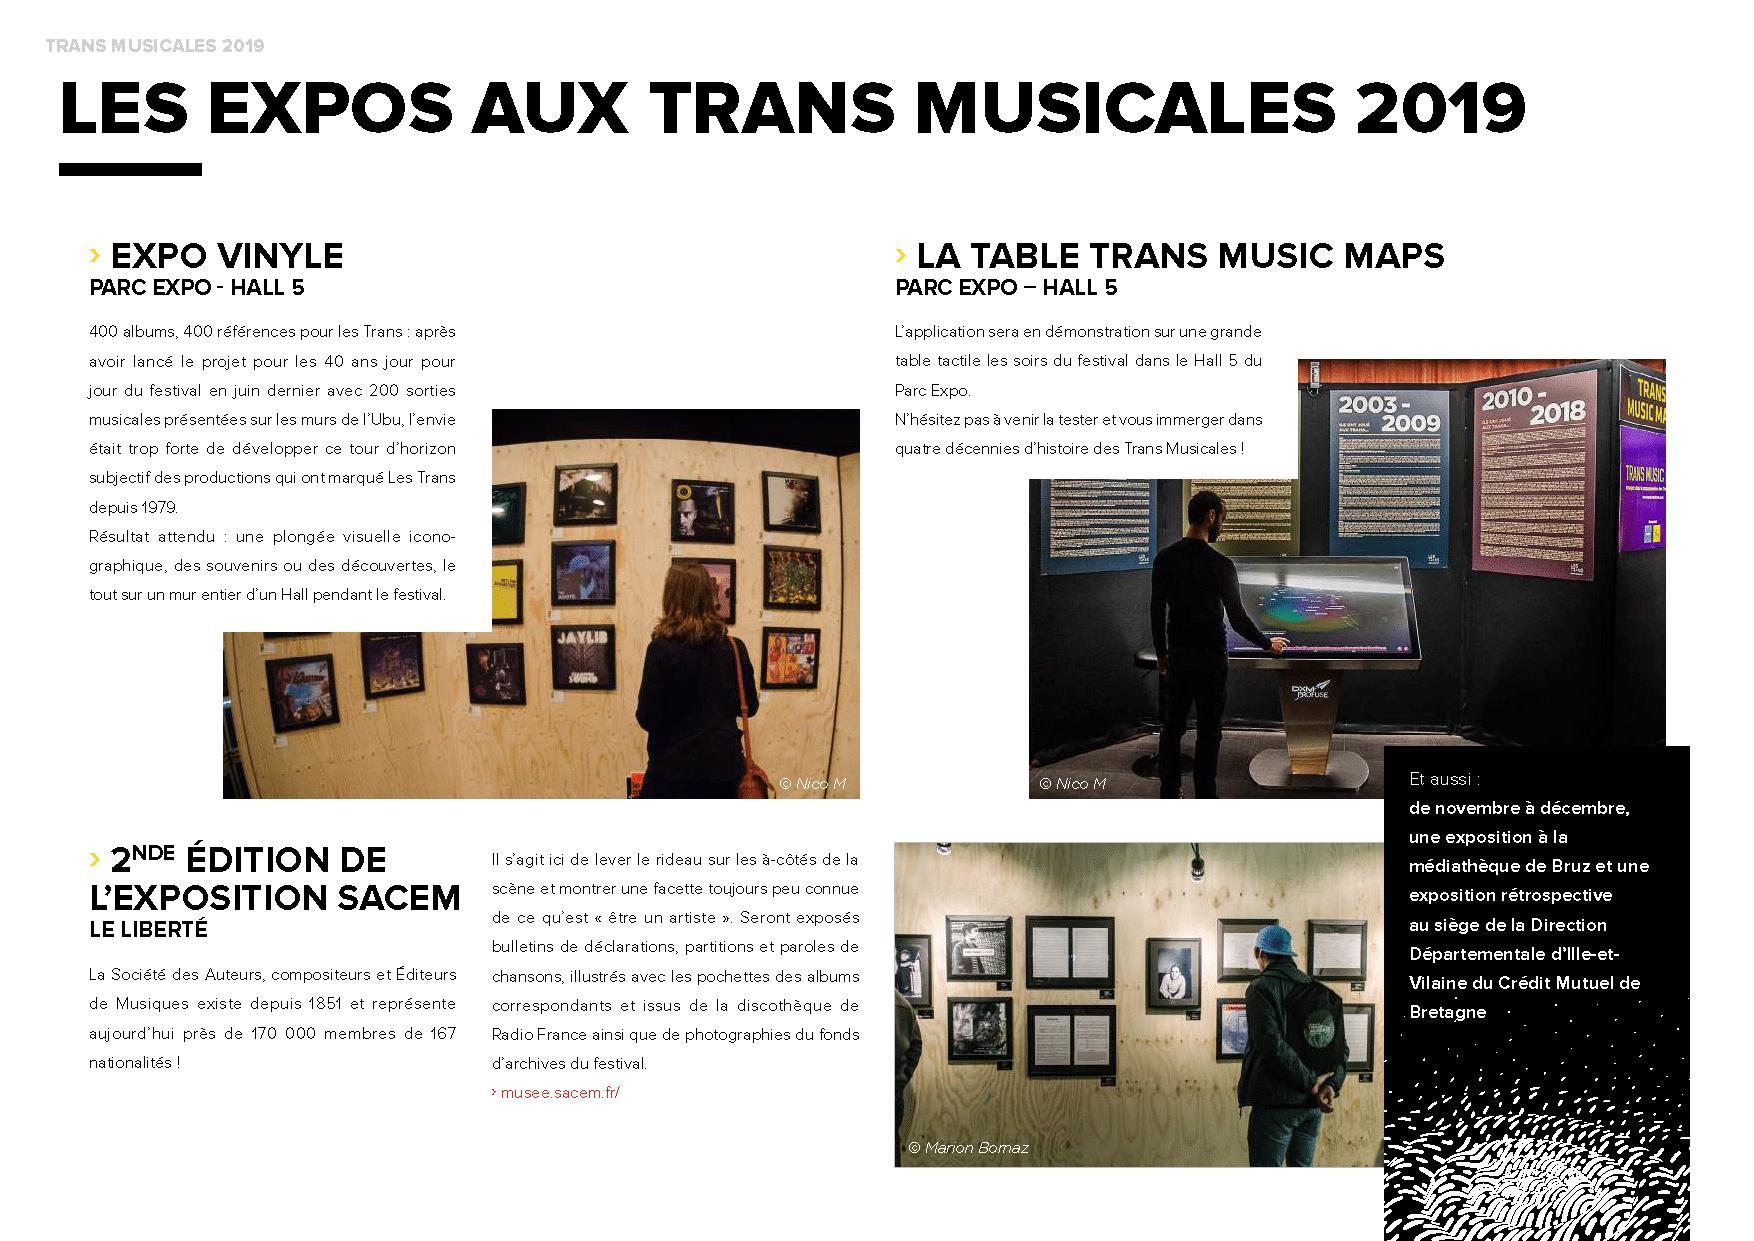 Présentation des différentes expositions aux Trans 2019